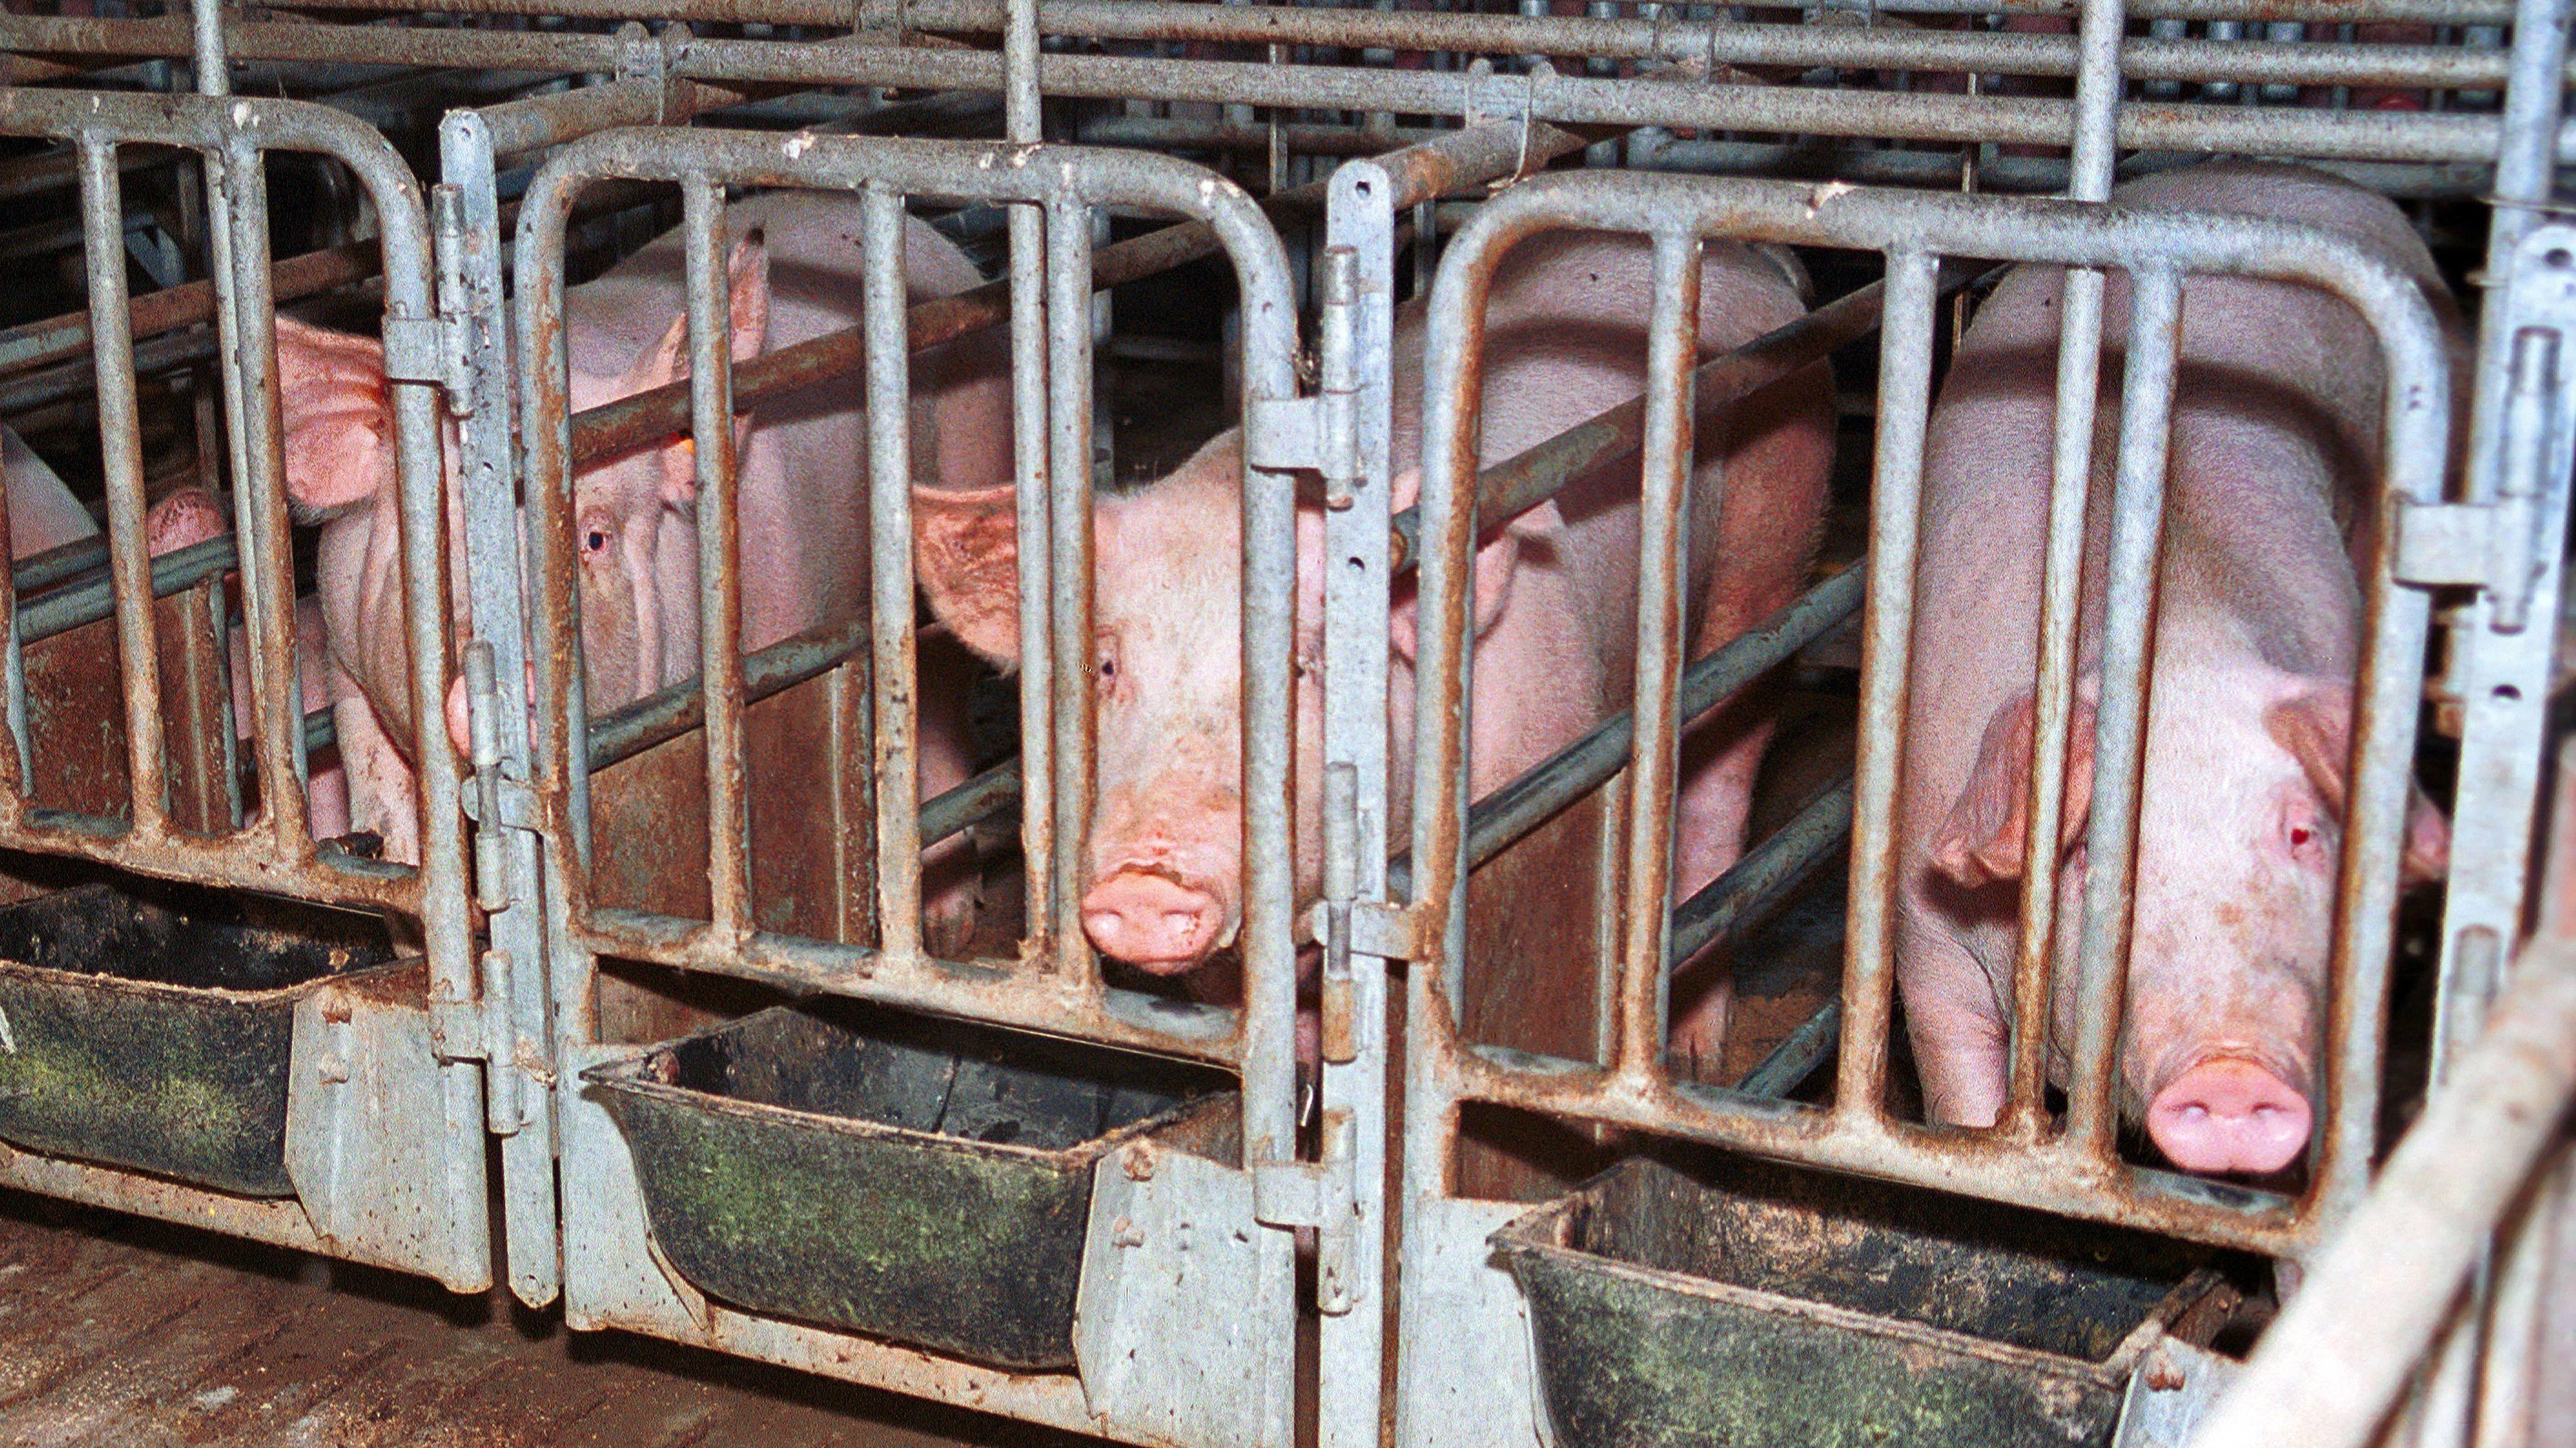 Schweine stehen eng nebeneinander in den sogenannten Kastenständen